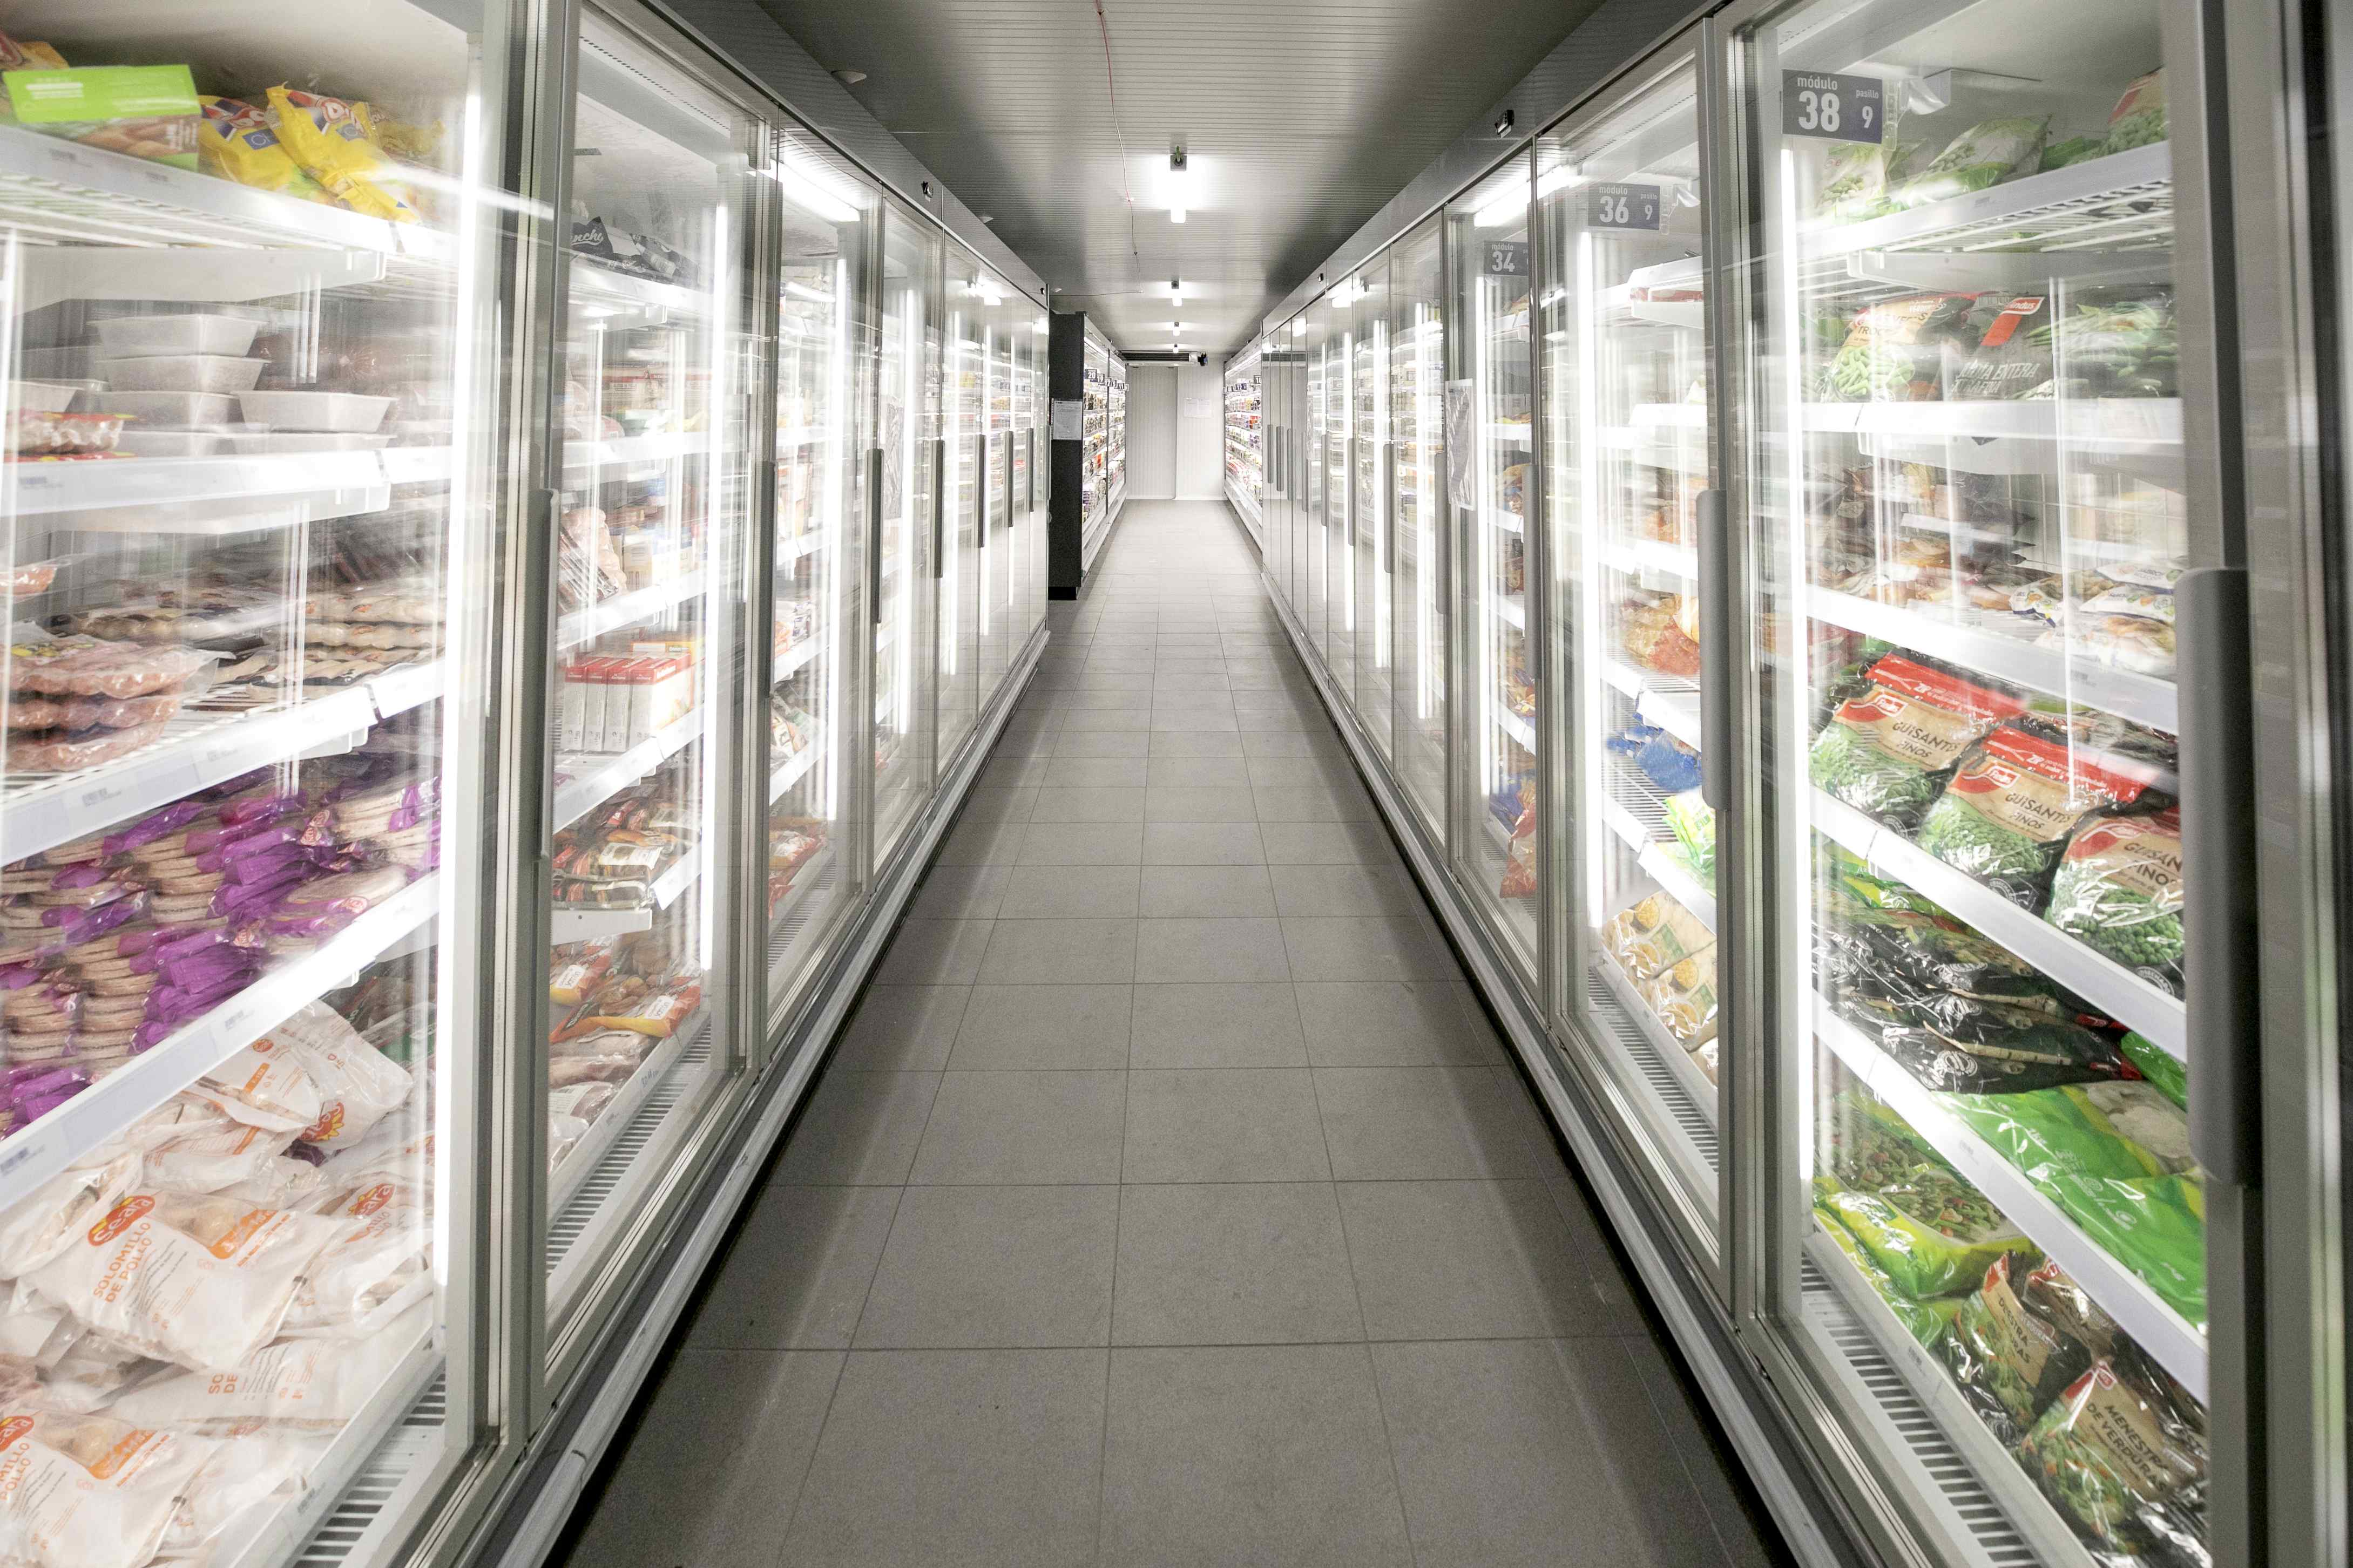 HiperDino reduce las emisiones de CO2 en sus tiendas / CanariasNoticias.es